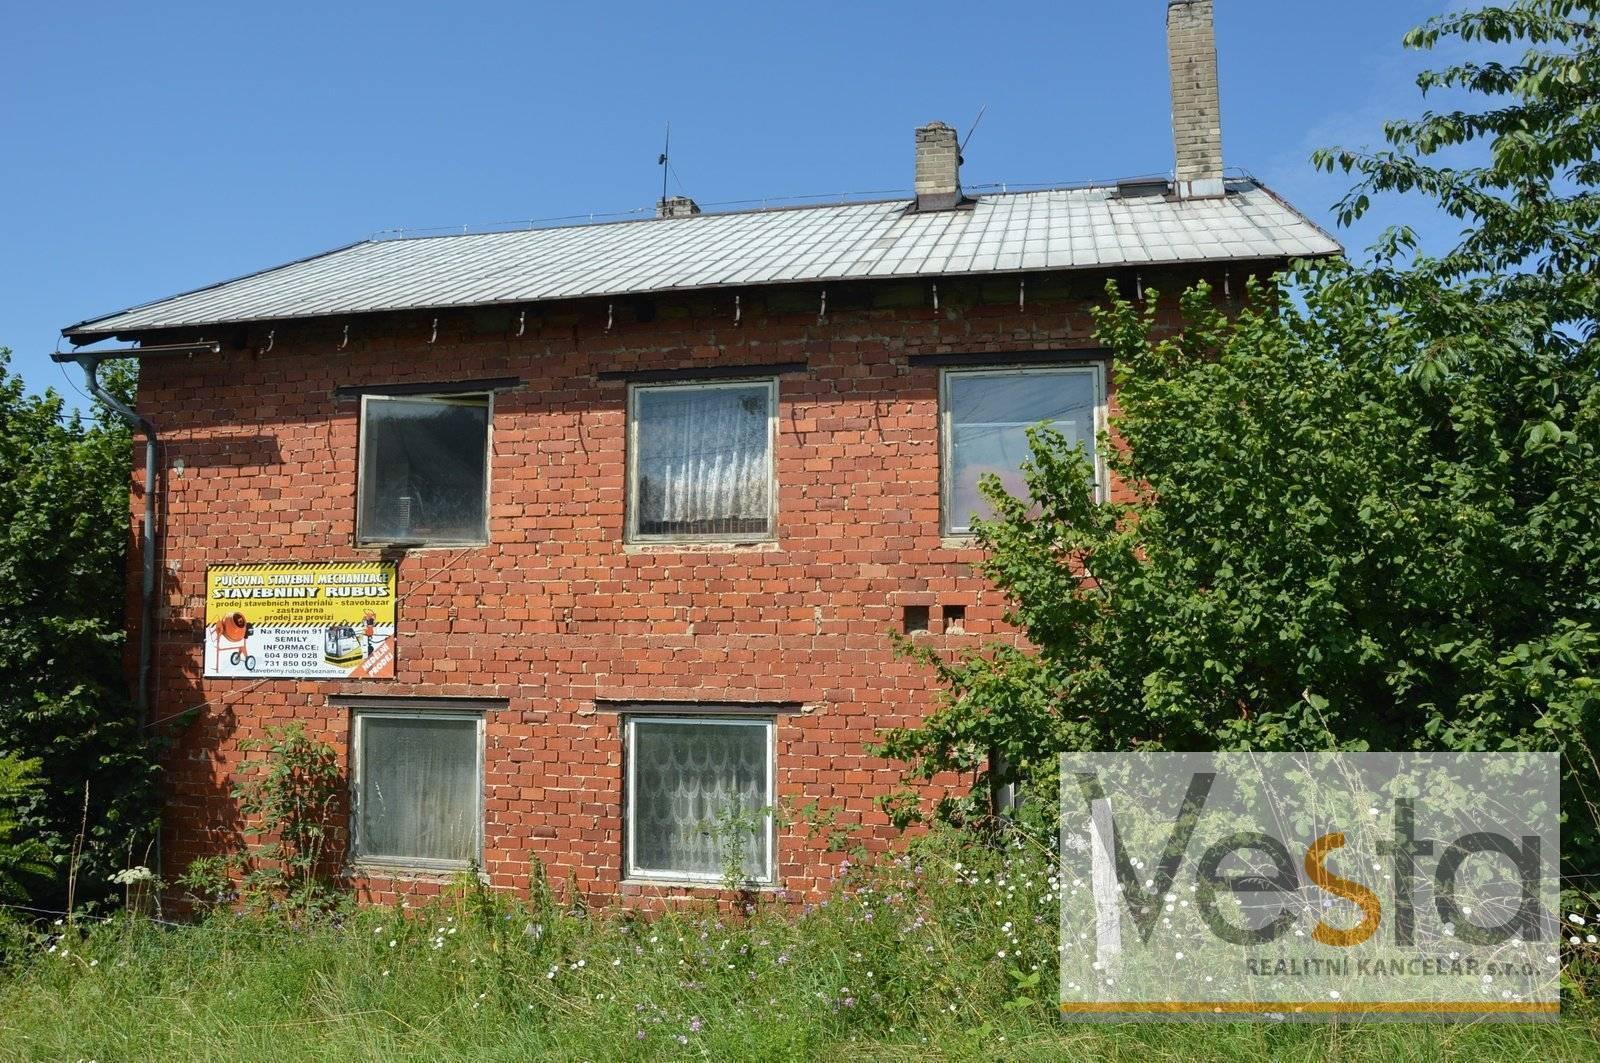 Prodej spoluvlastnického podílu ¾ na zemědělských budovách, Semily